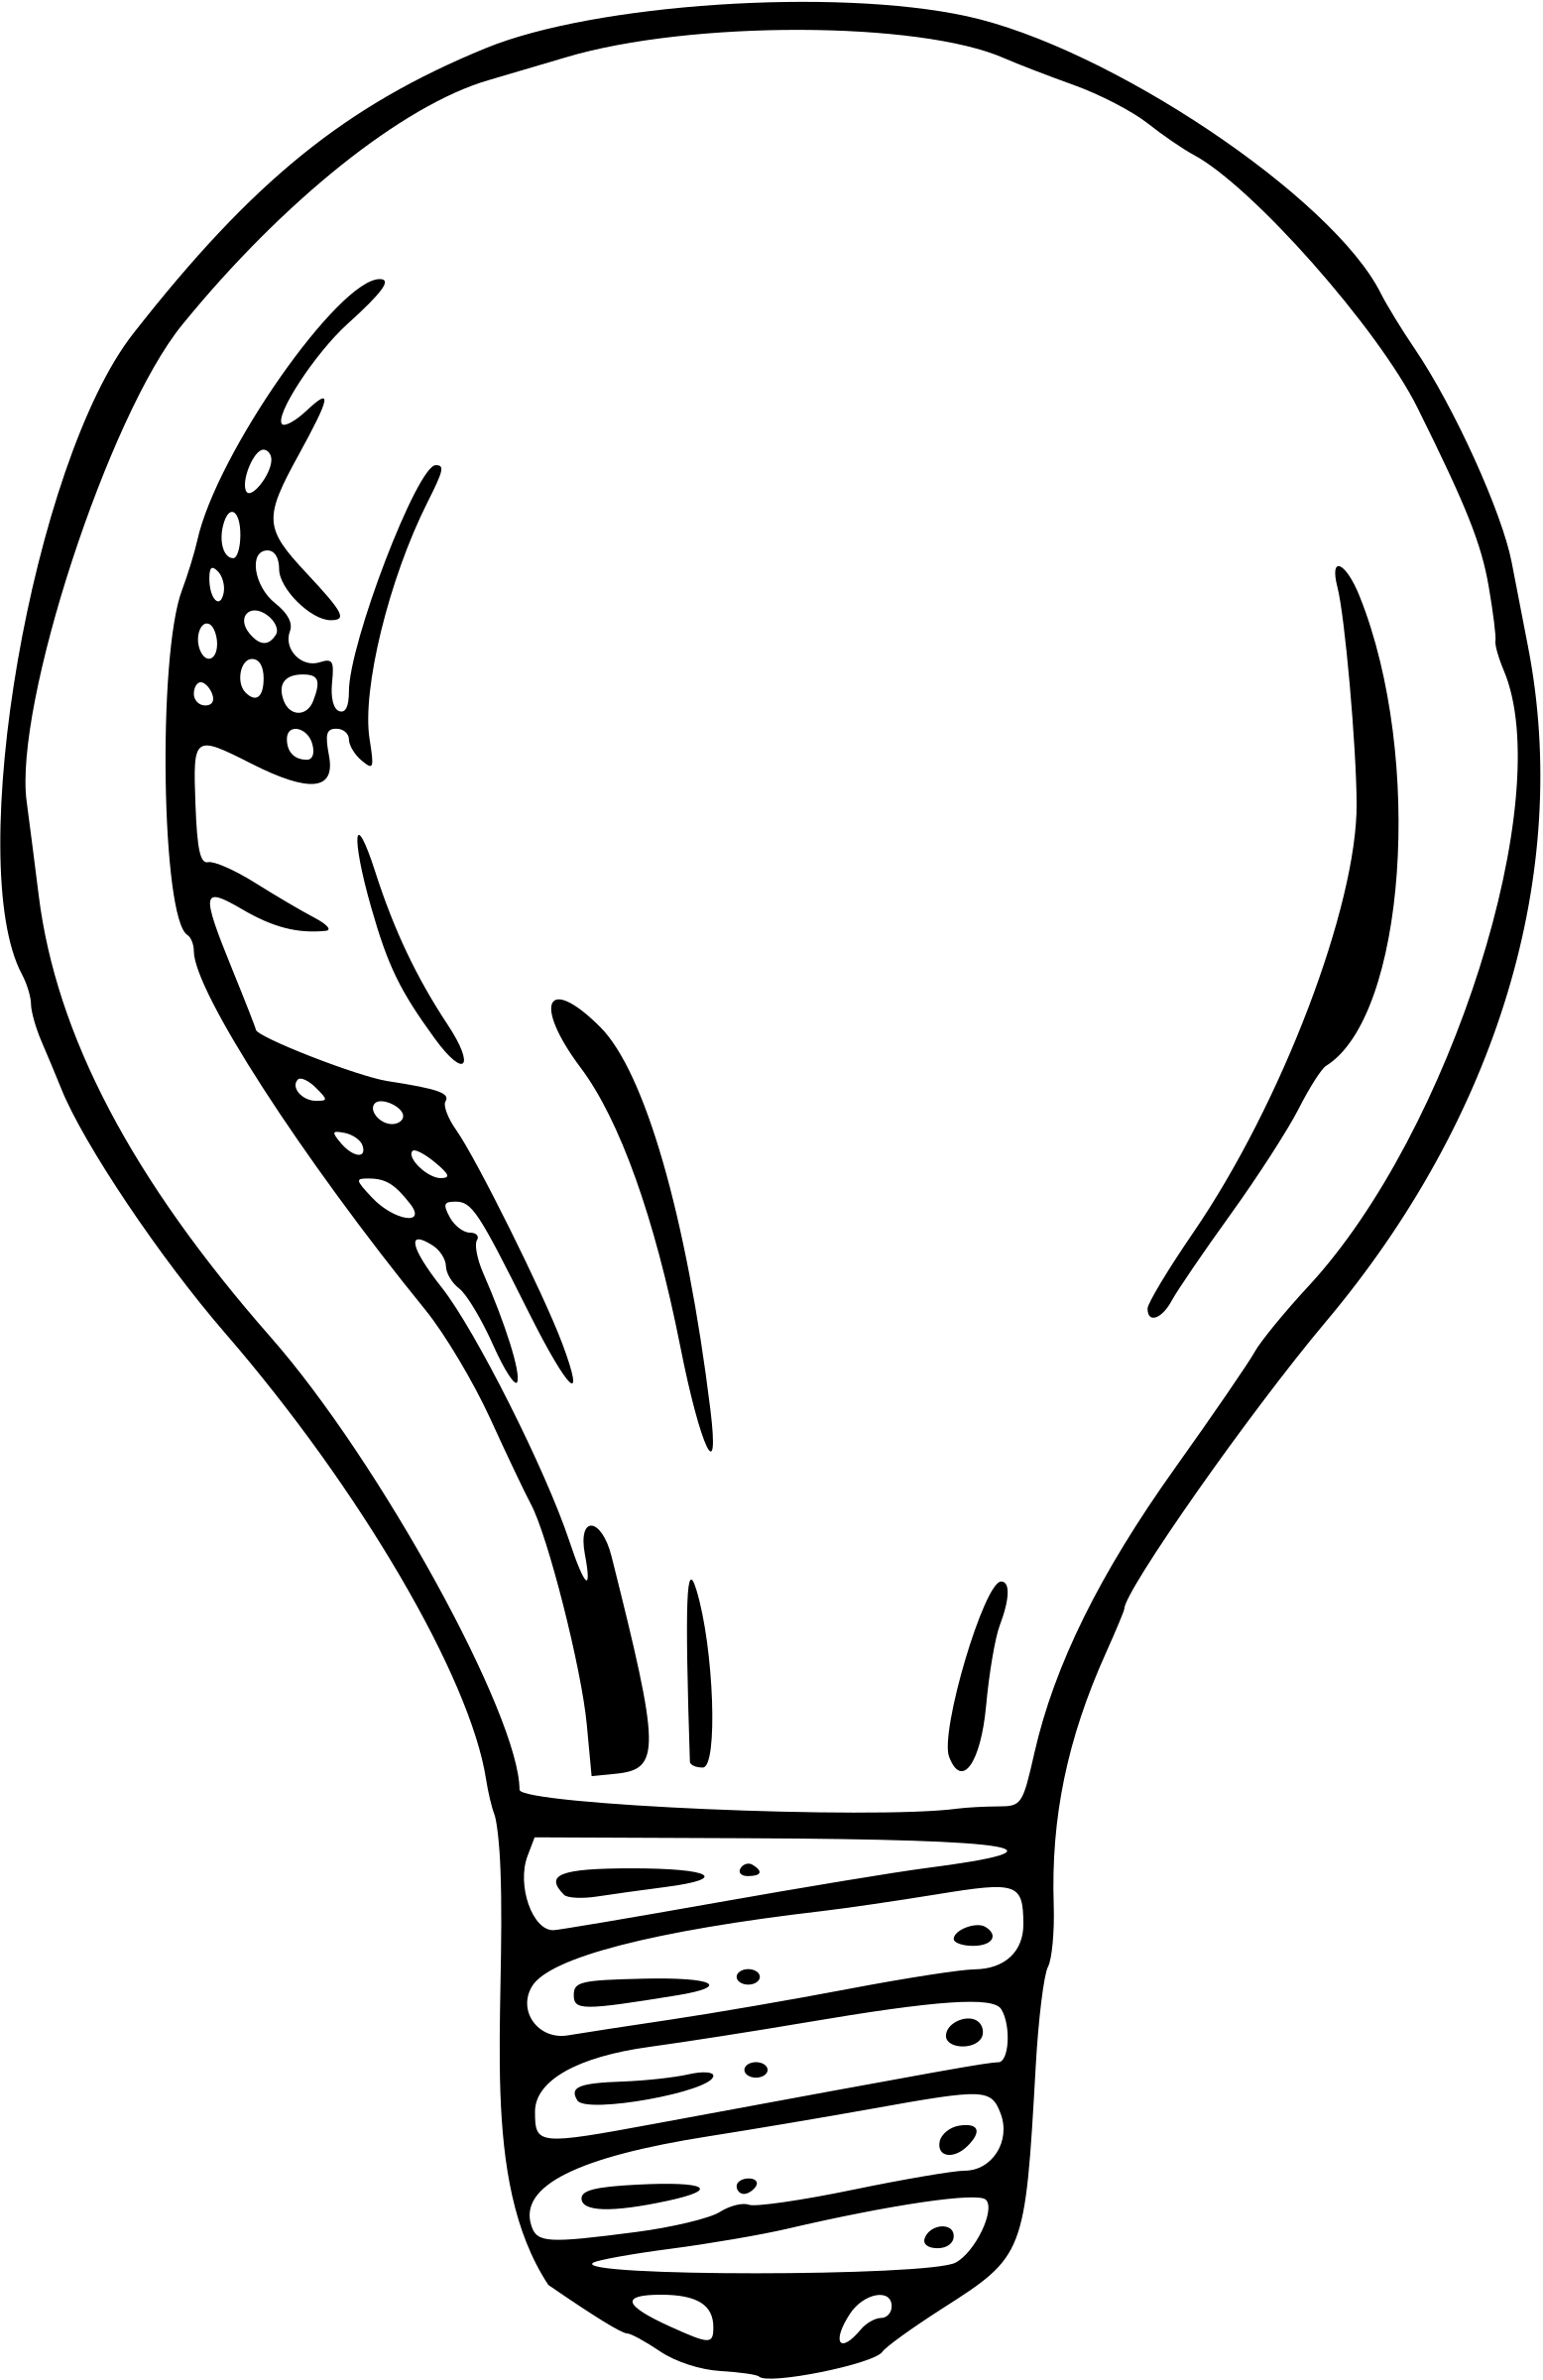 1556x2400 Risultati Immagini Per Light Bulb Drawing Light Bulb